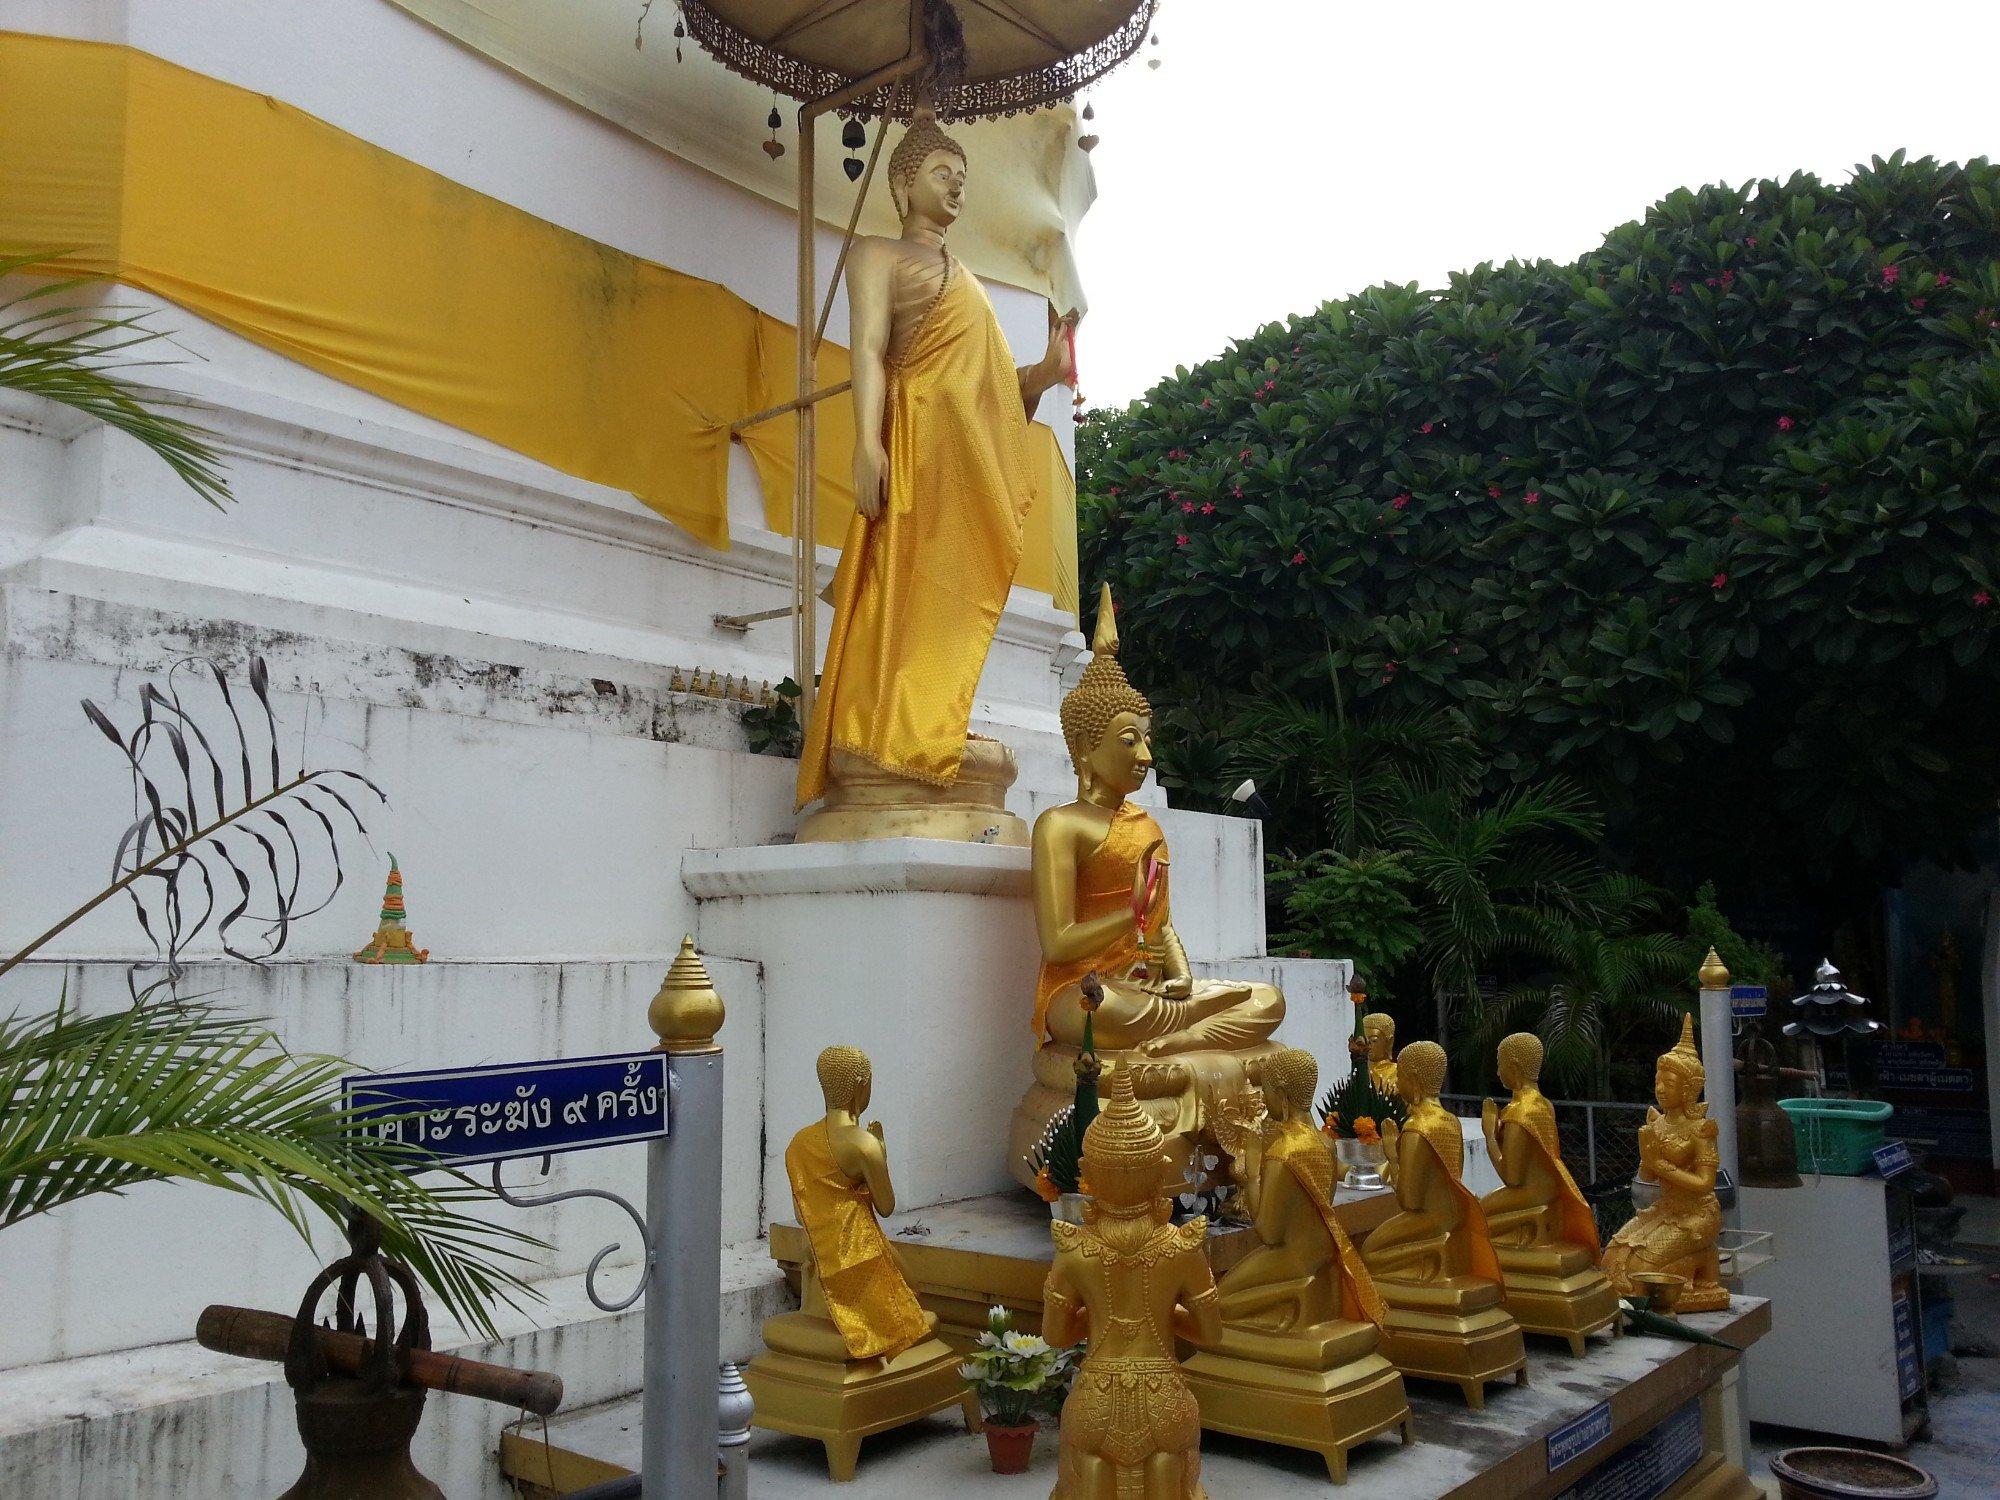 Statues at the base of the chedi at Wat Pratu Ton Phueng